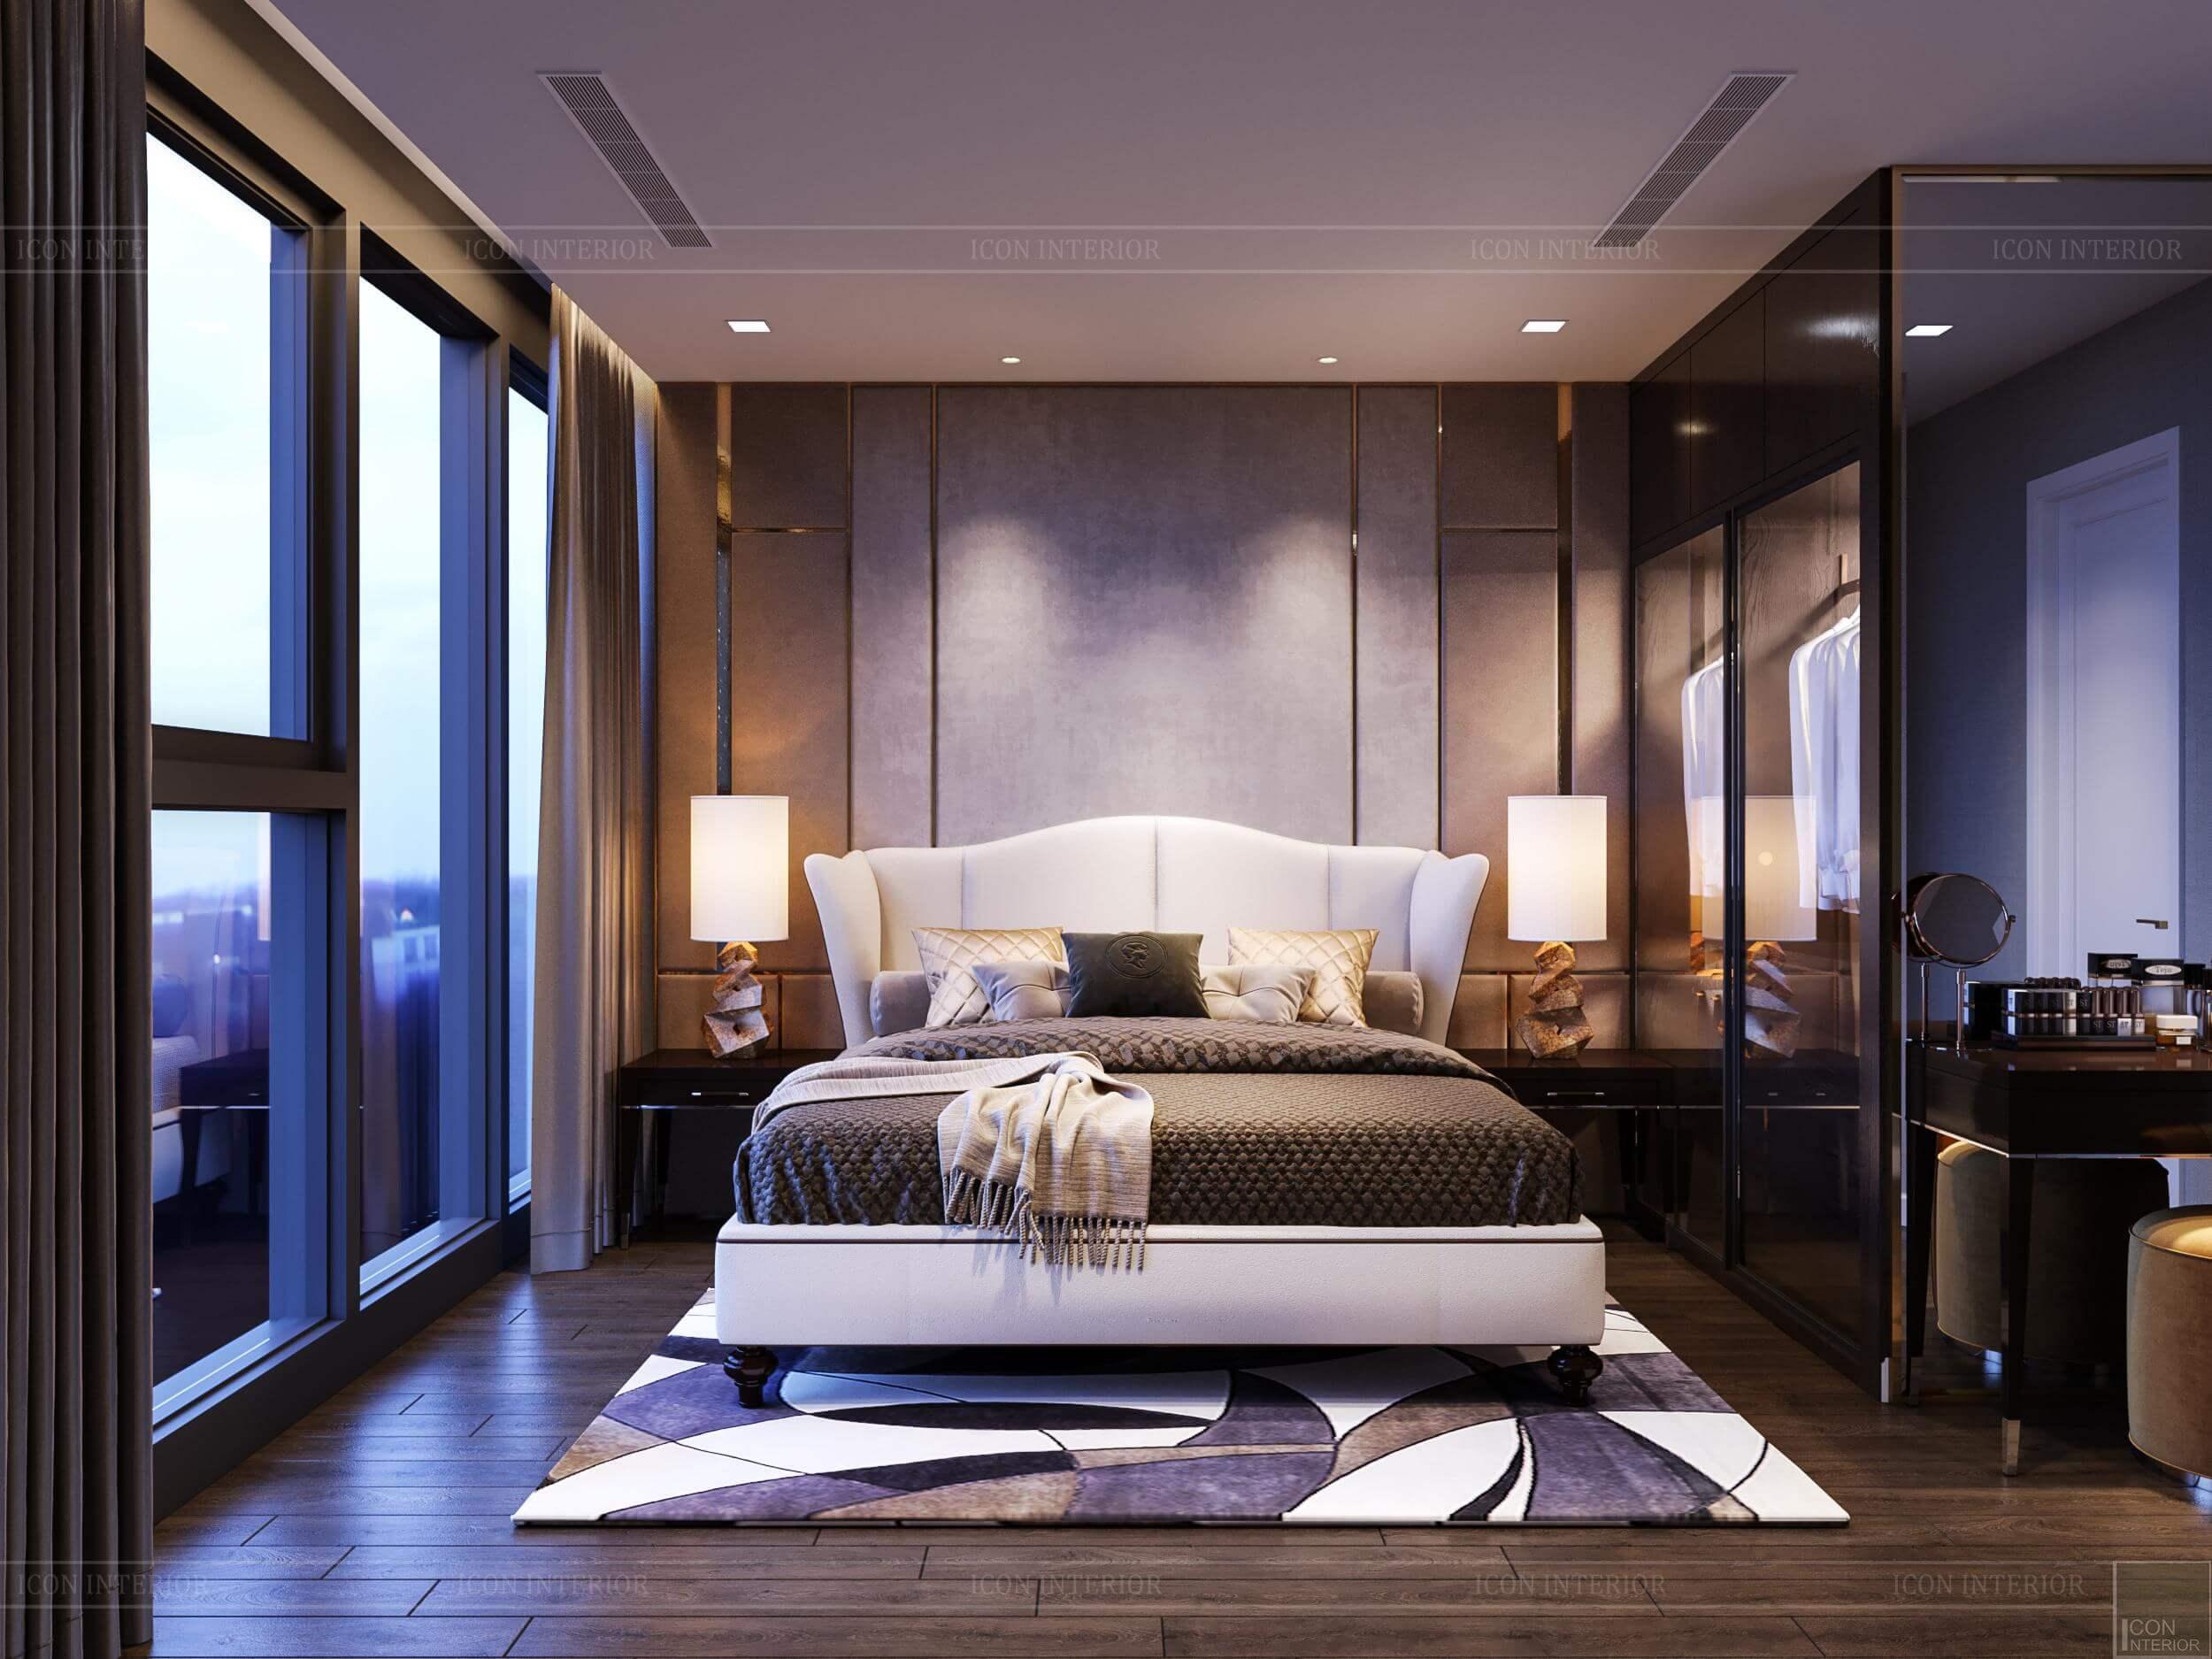 Thiết kế căn hộ Vinhomes Bason - phòng ngủ